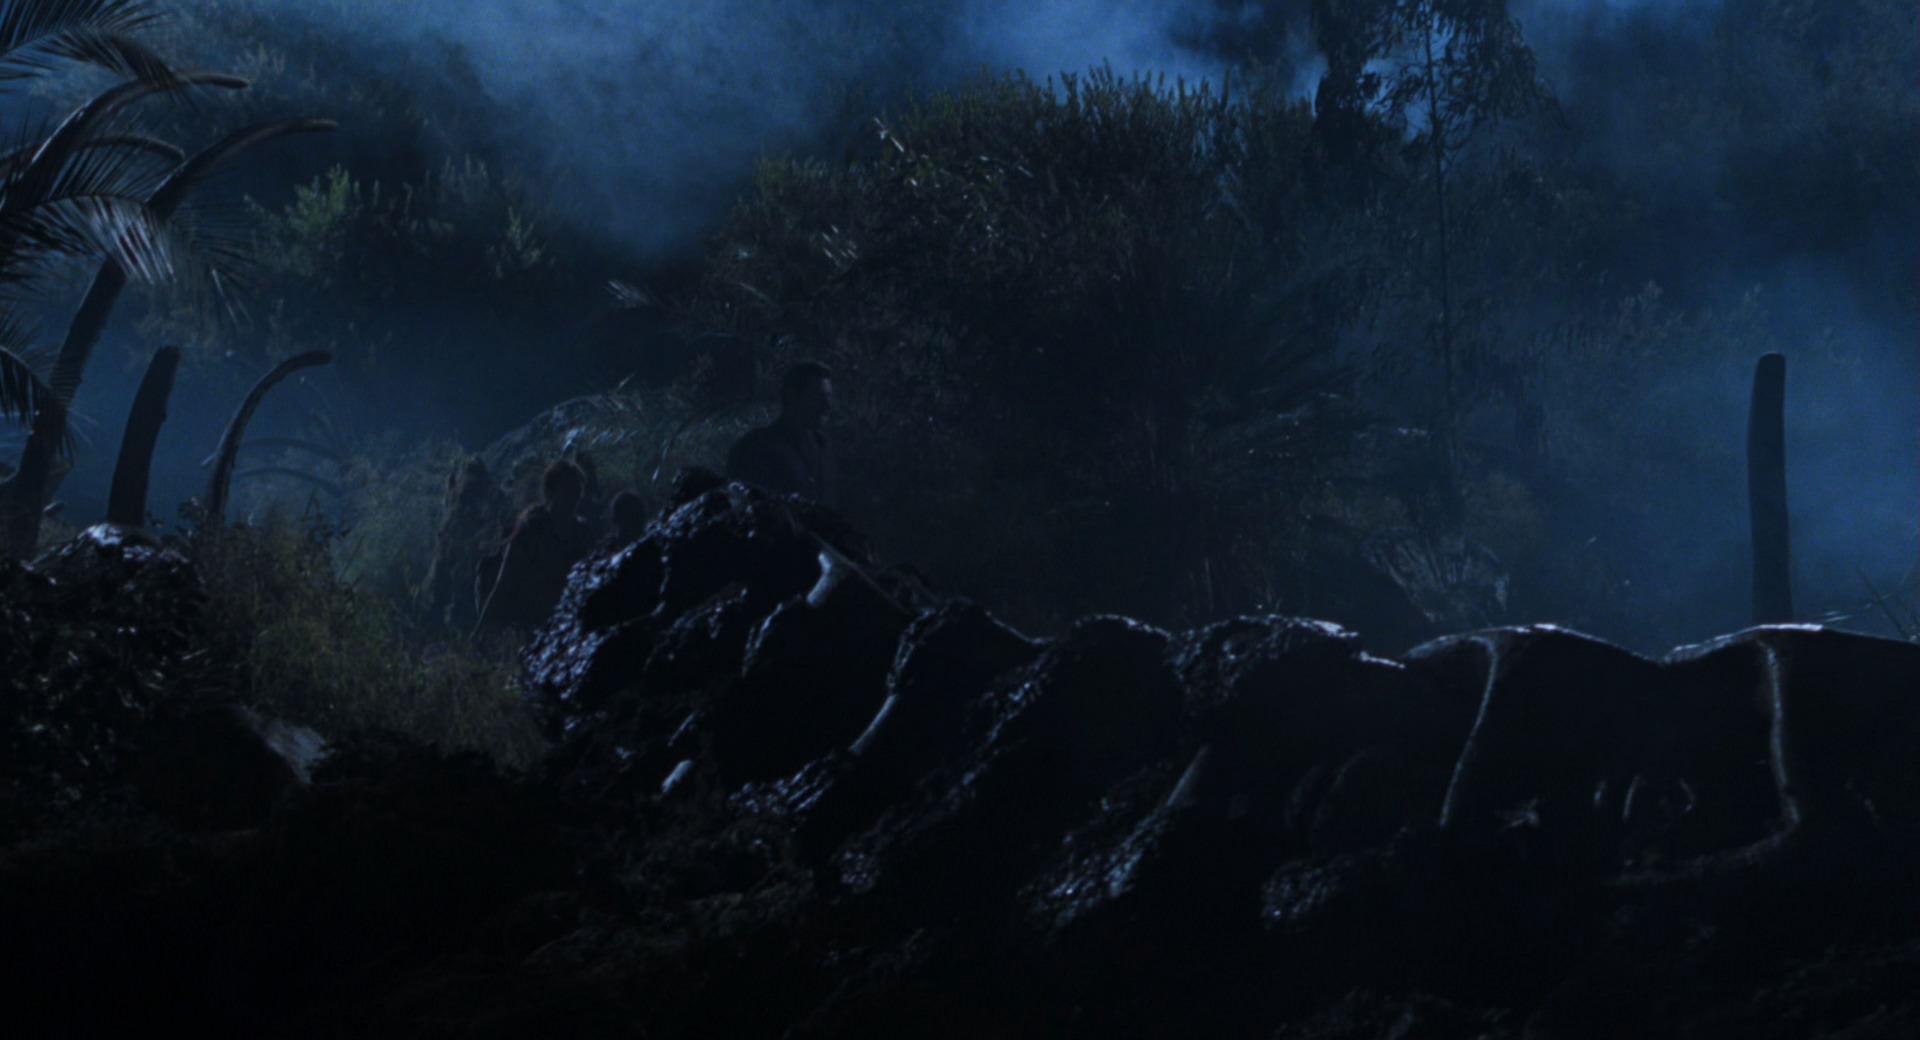 The Lost World Jurassic Park Screencaps are here Jurassic-lost-world-movie-screencaps.com-10891